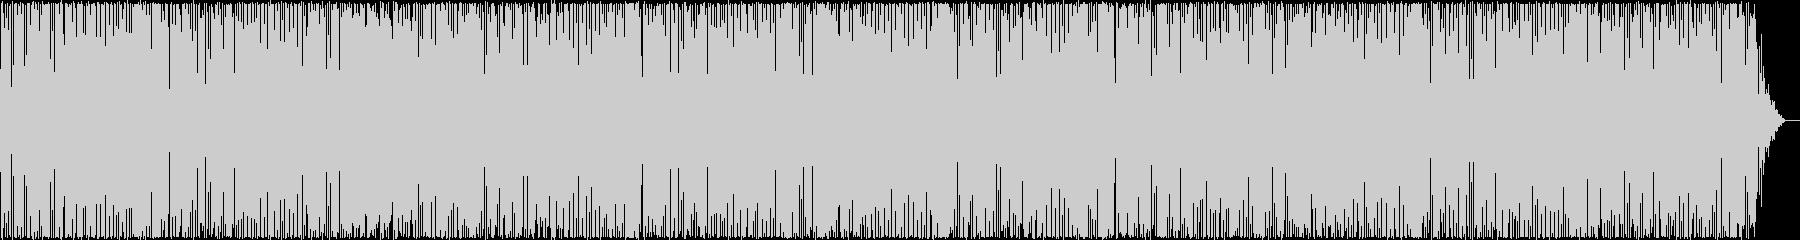 リズミカルで心が弾むBGMの未再生の波形